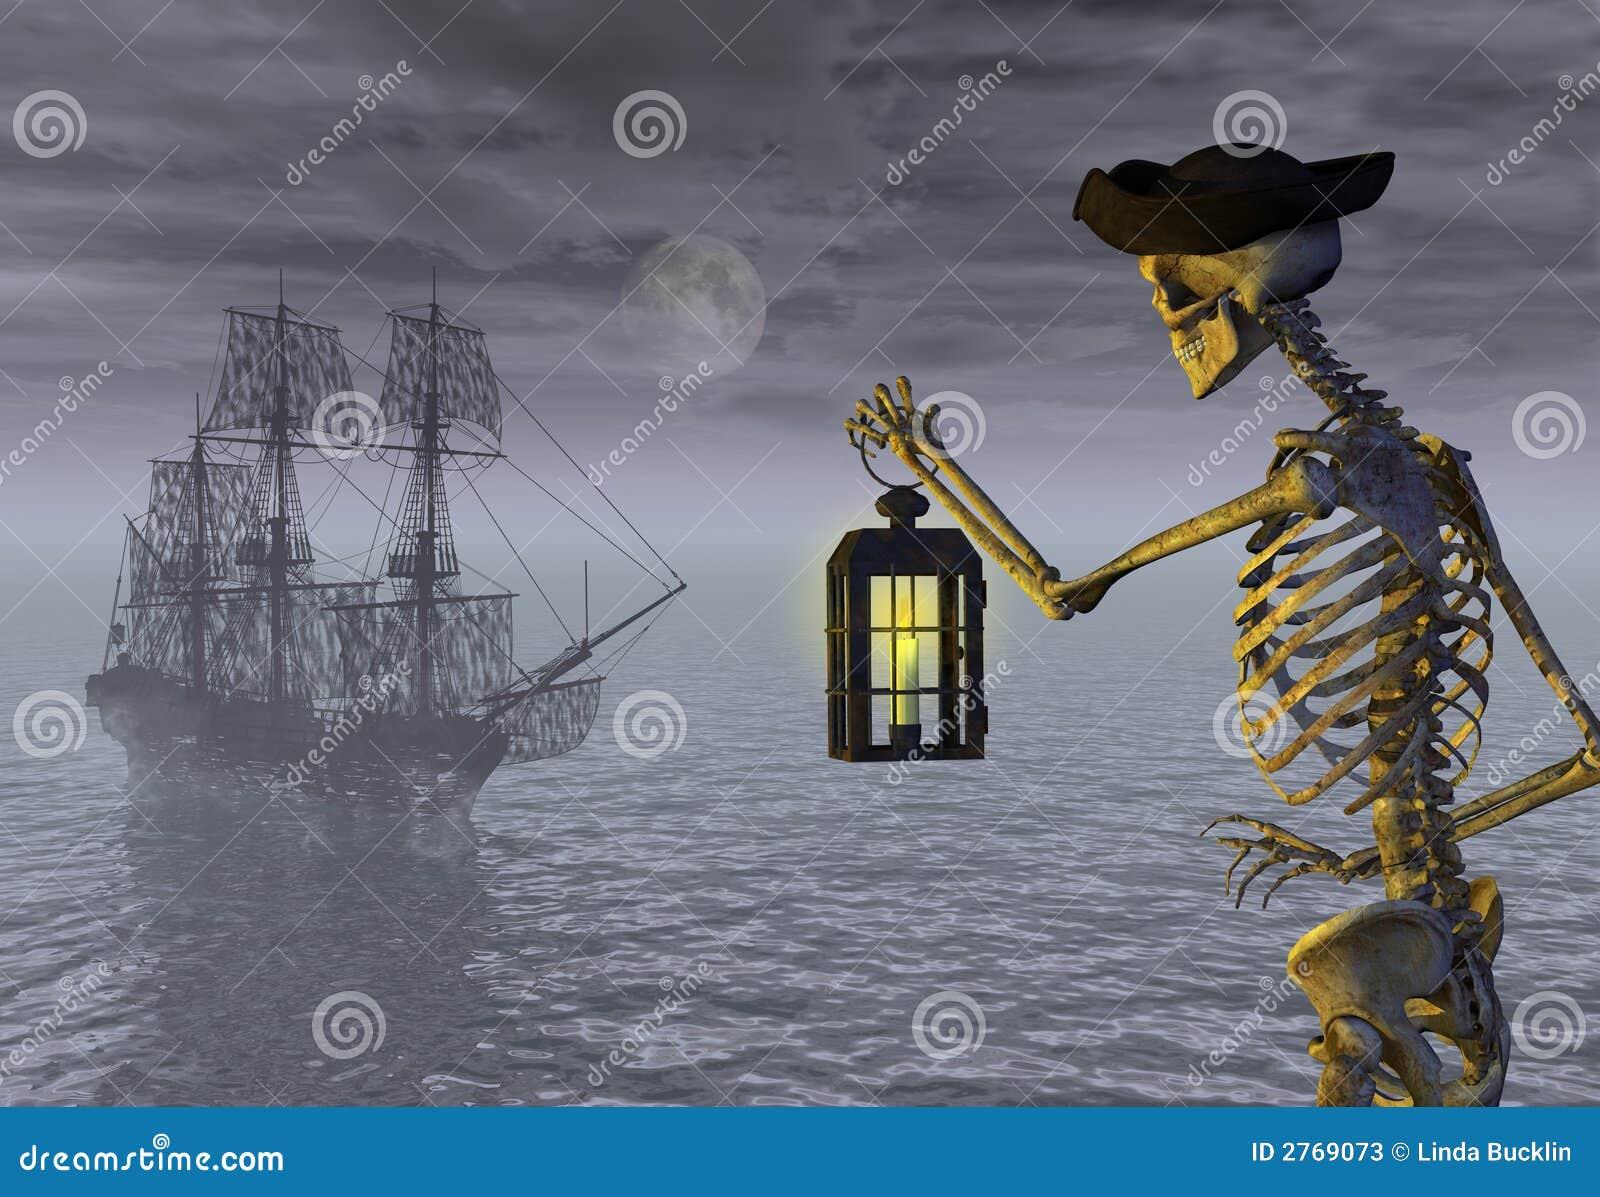 download del mistero del fantasma del pirata groovy di south park ...